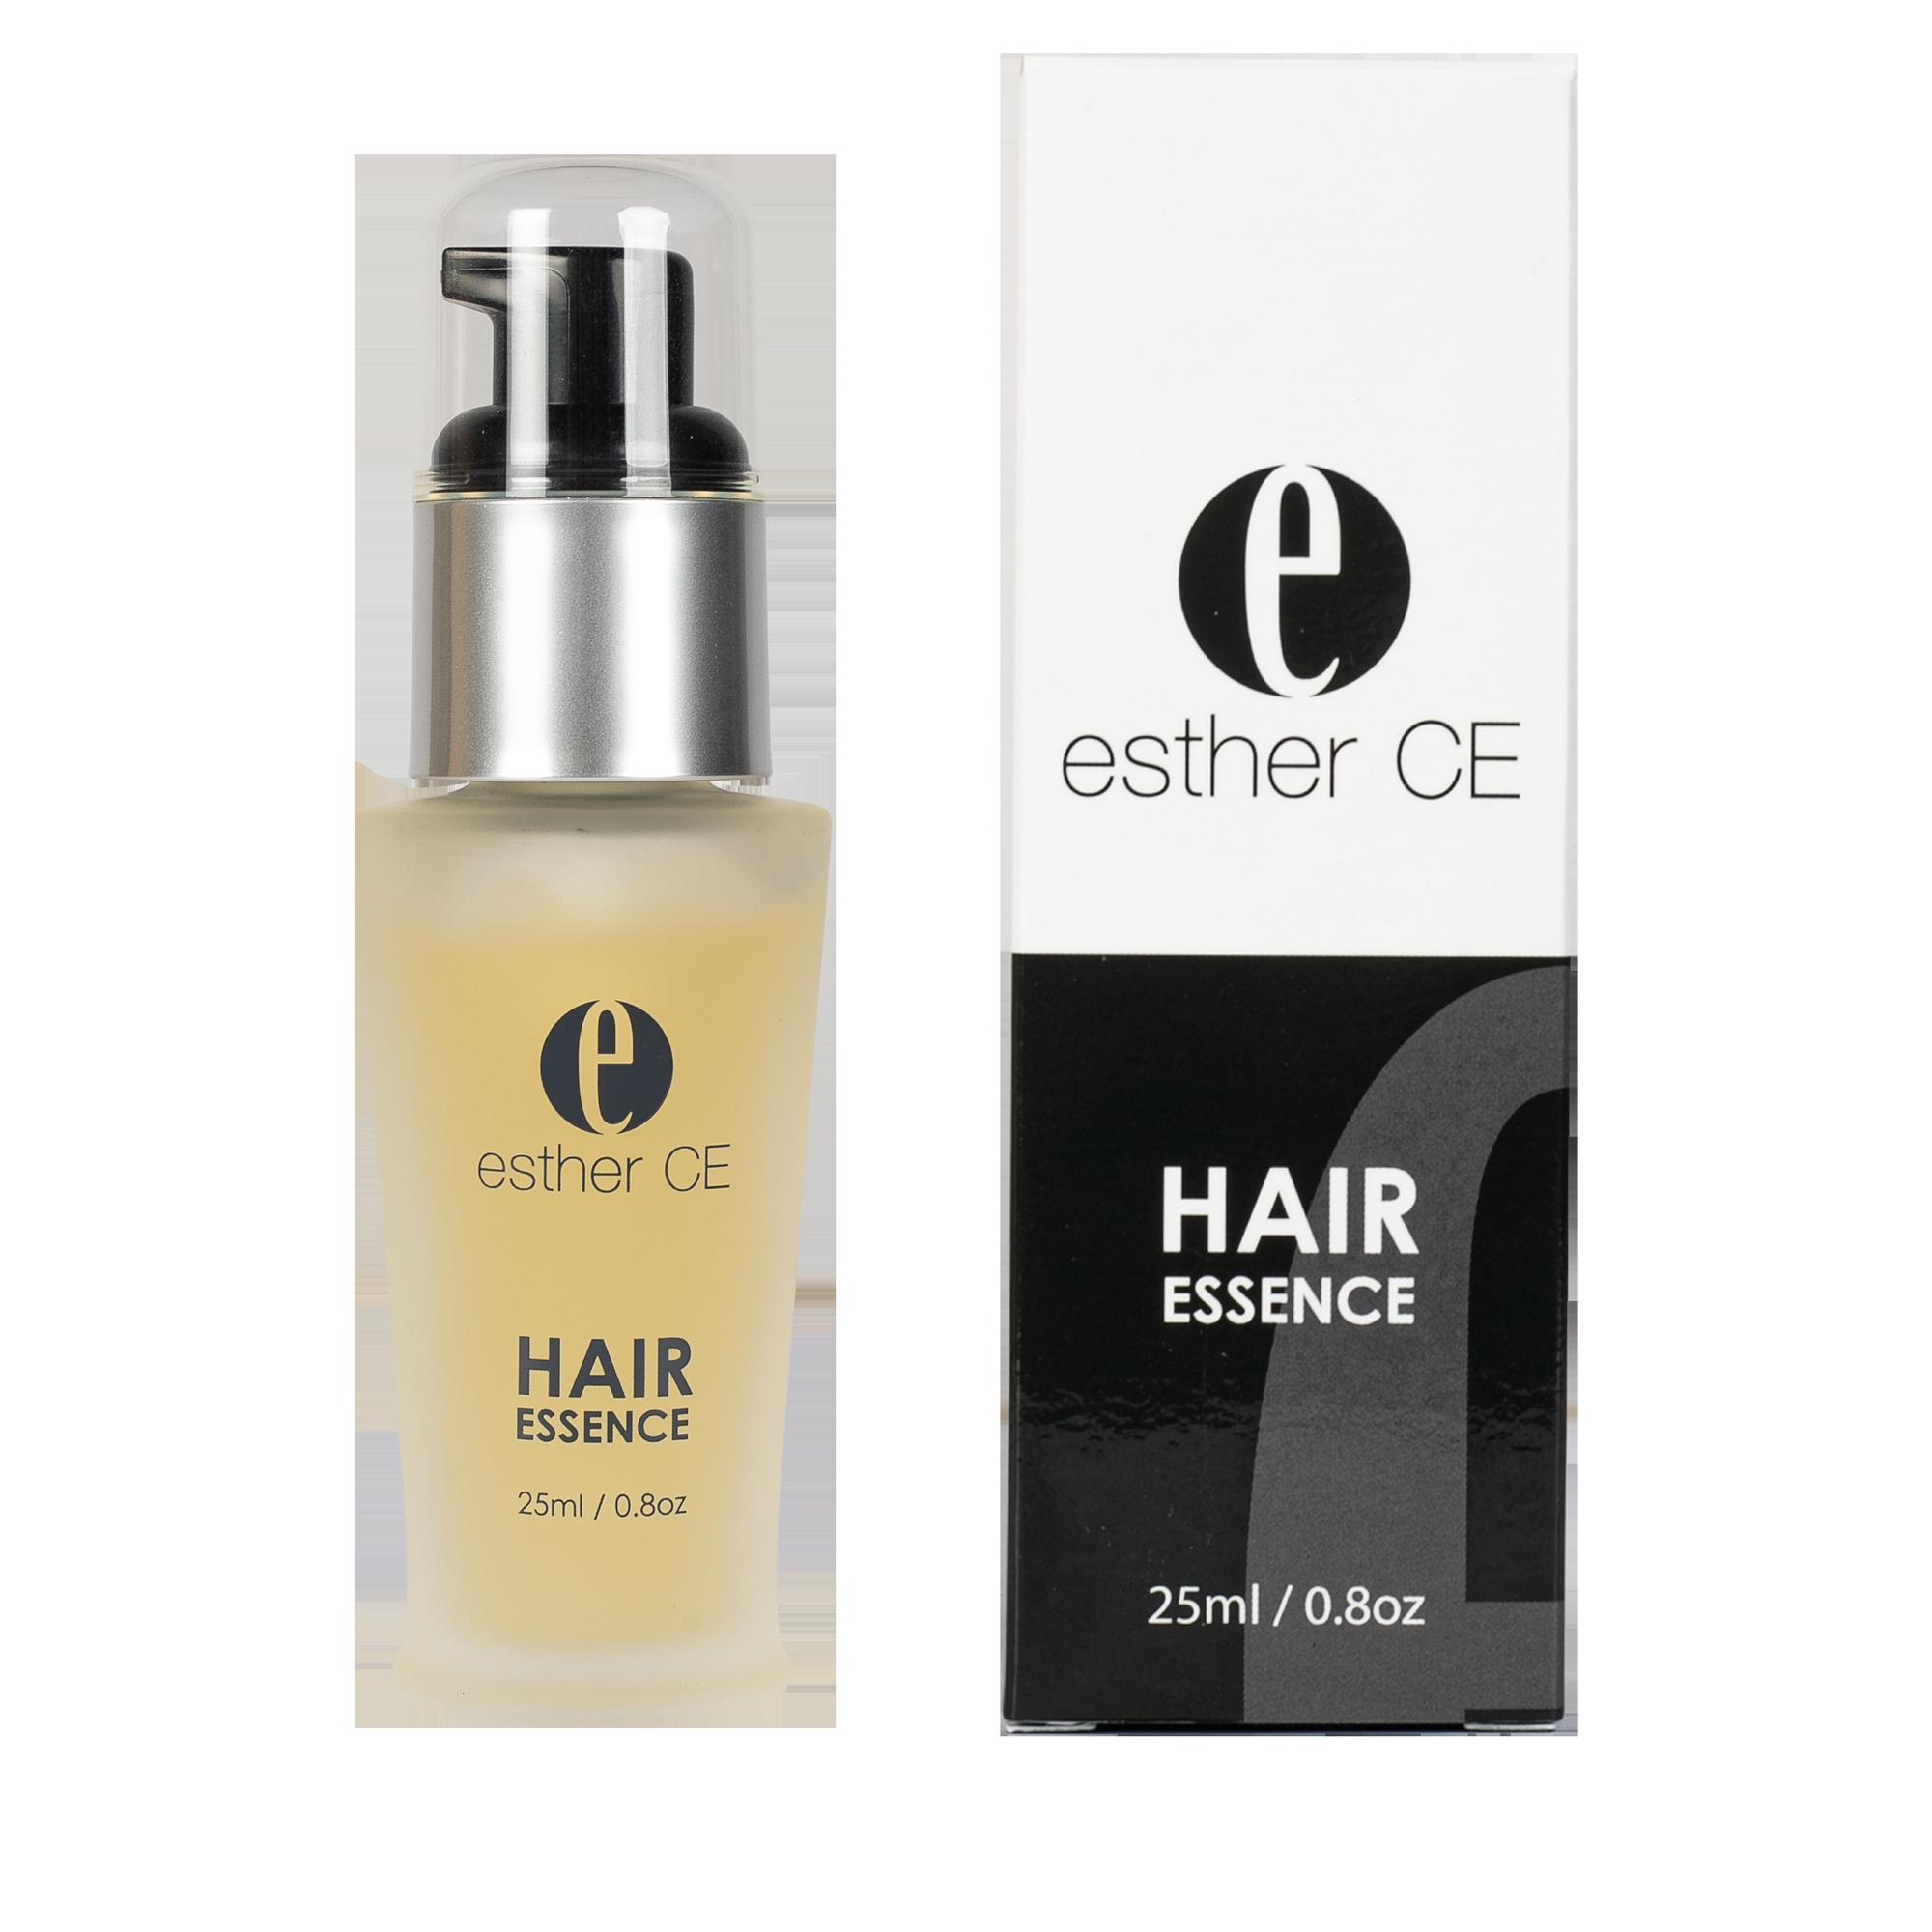 Hair-Essence-Packaging